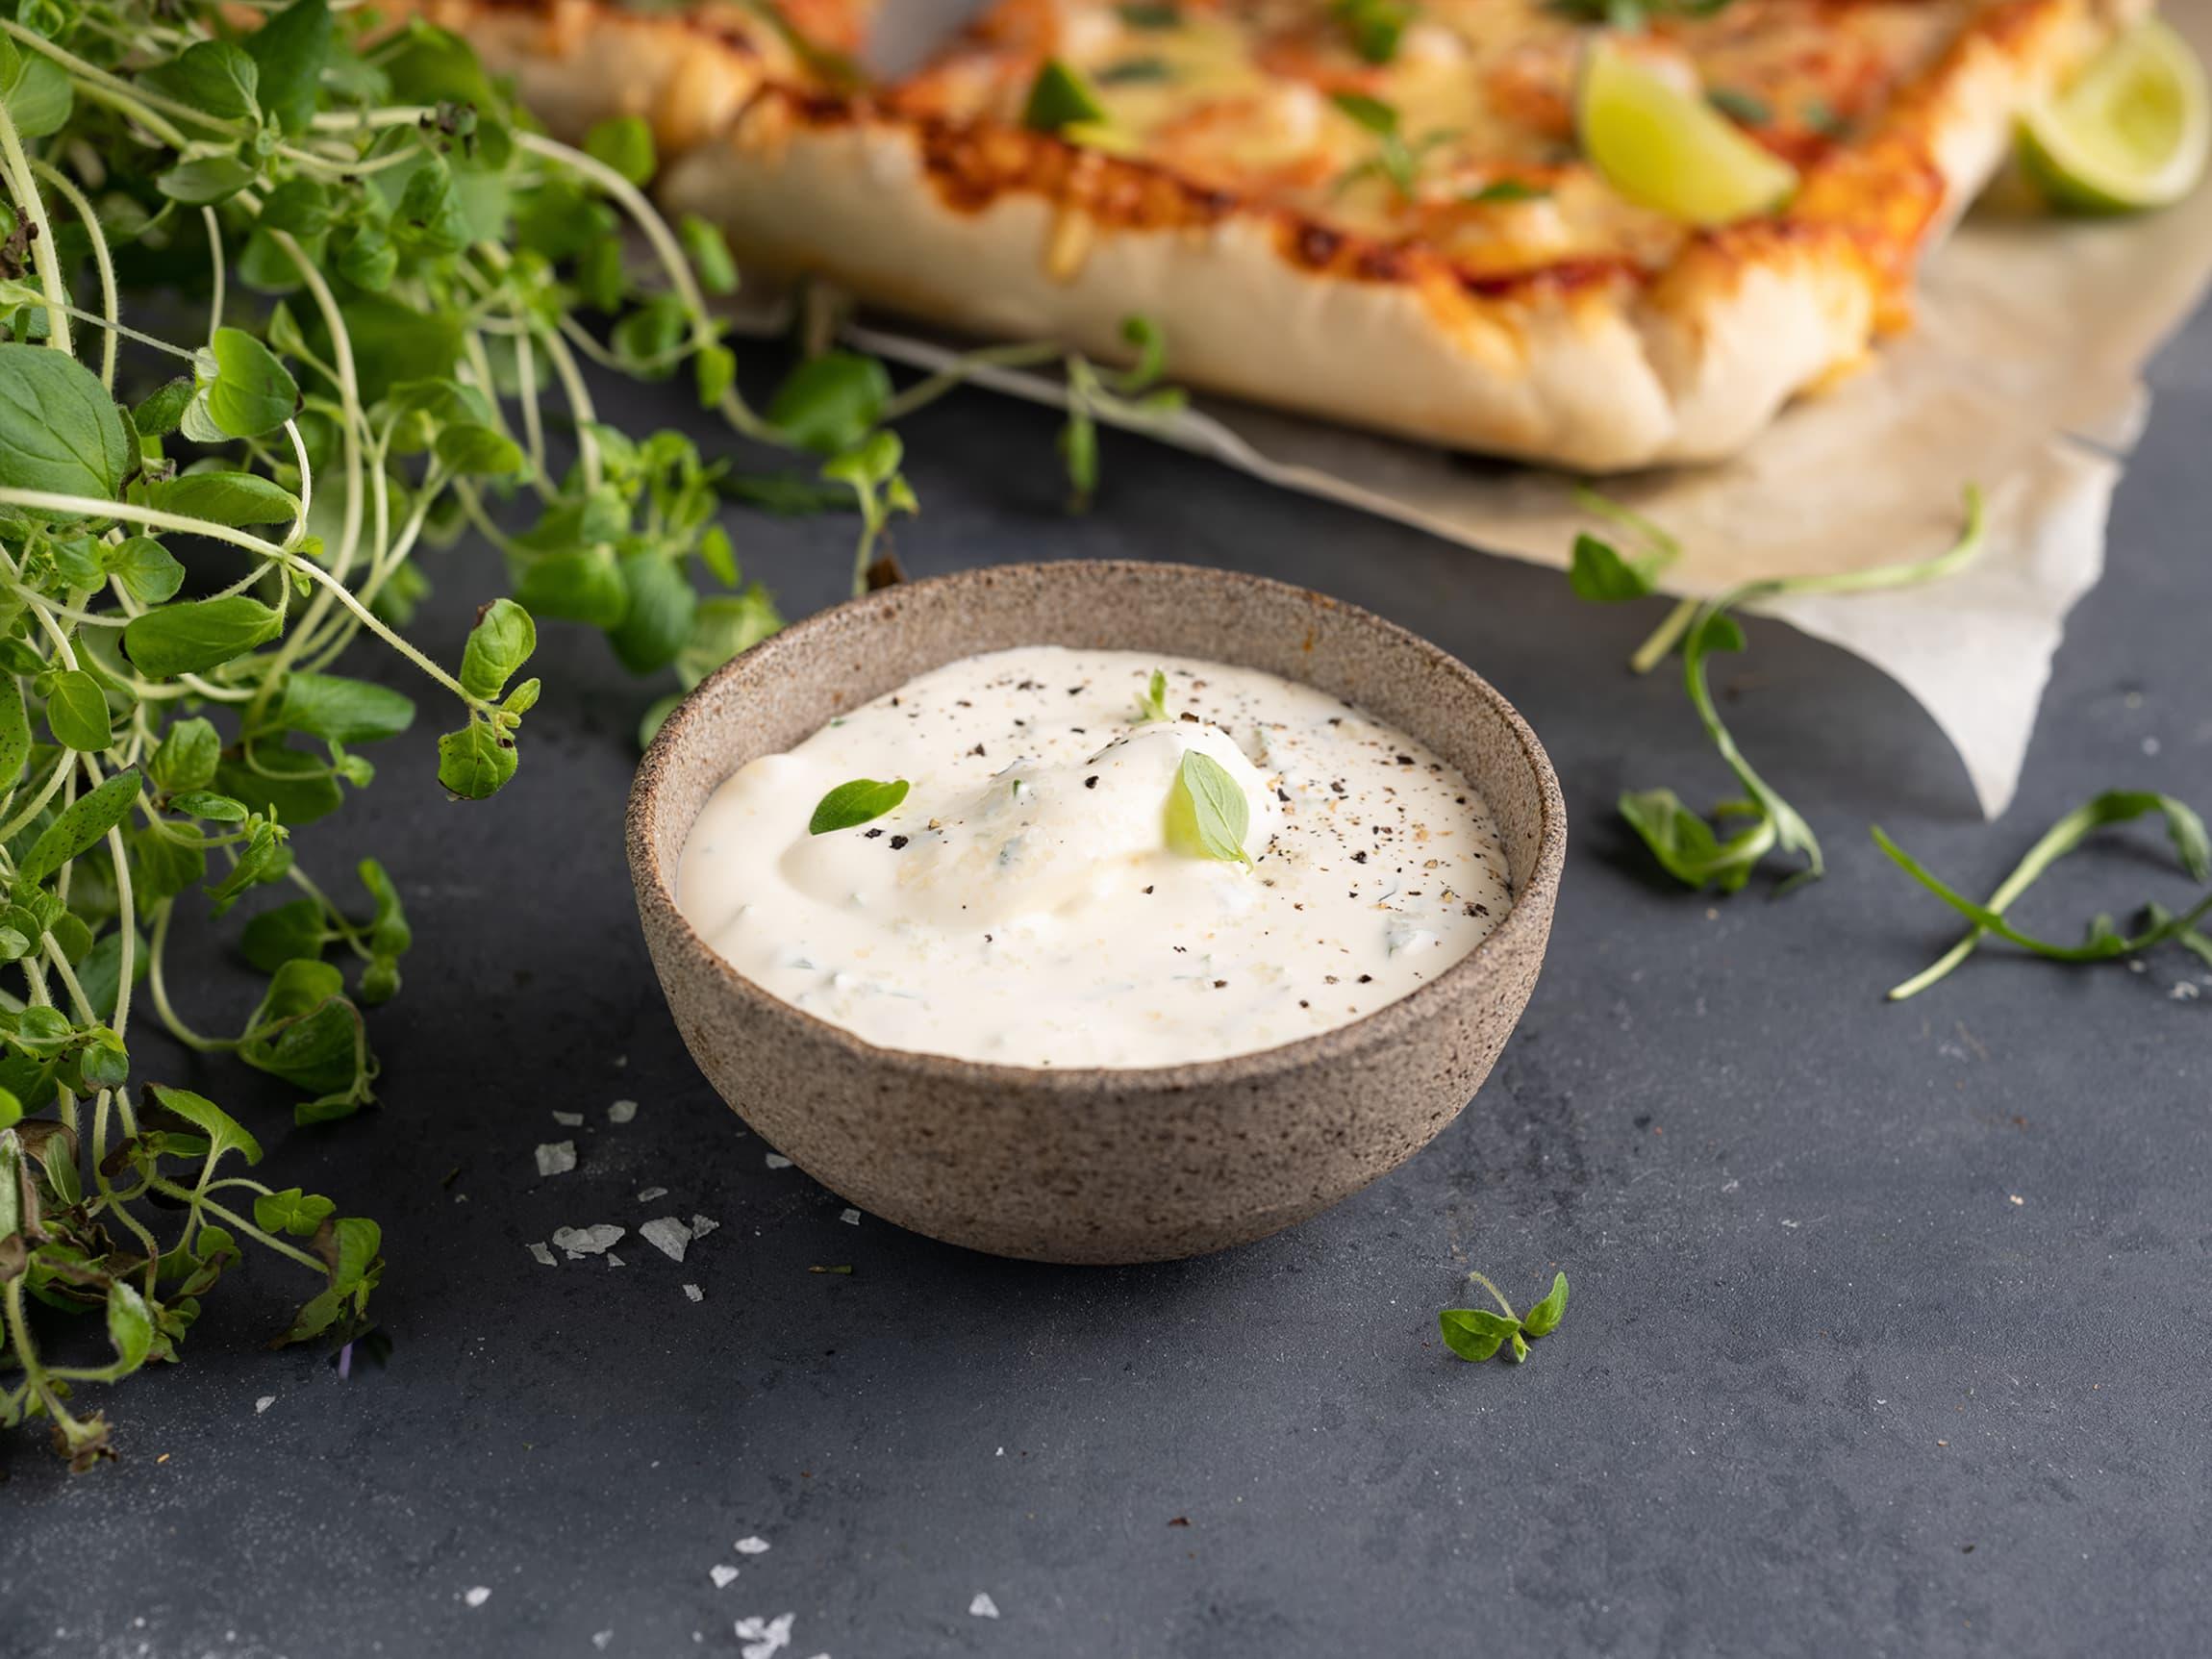 """En god pizzasaus trenger ikke være rød. Bytt ut den klassiske røde tomatsausen med hvit saus, og vips så har du en ekte italiensk """"pizza bianca""""!"""